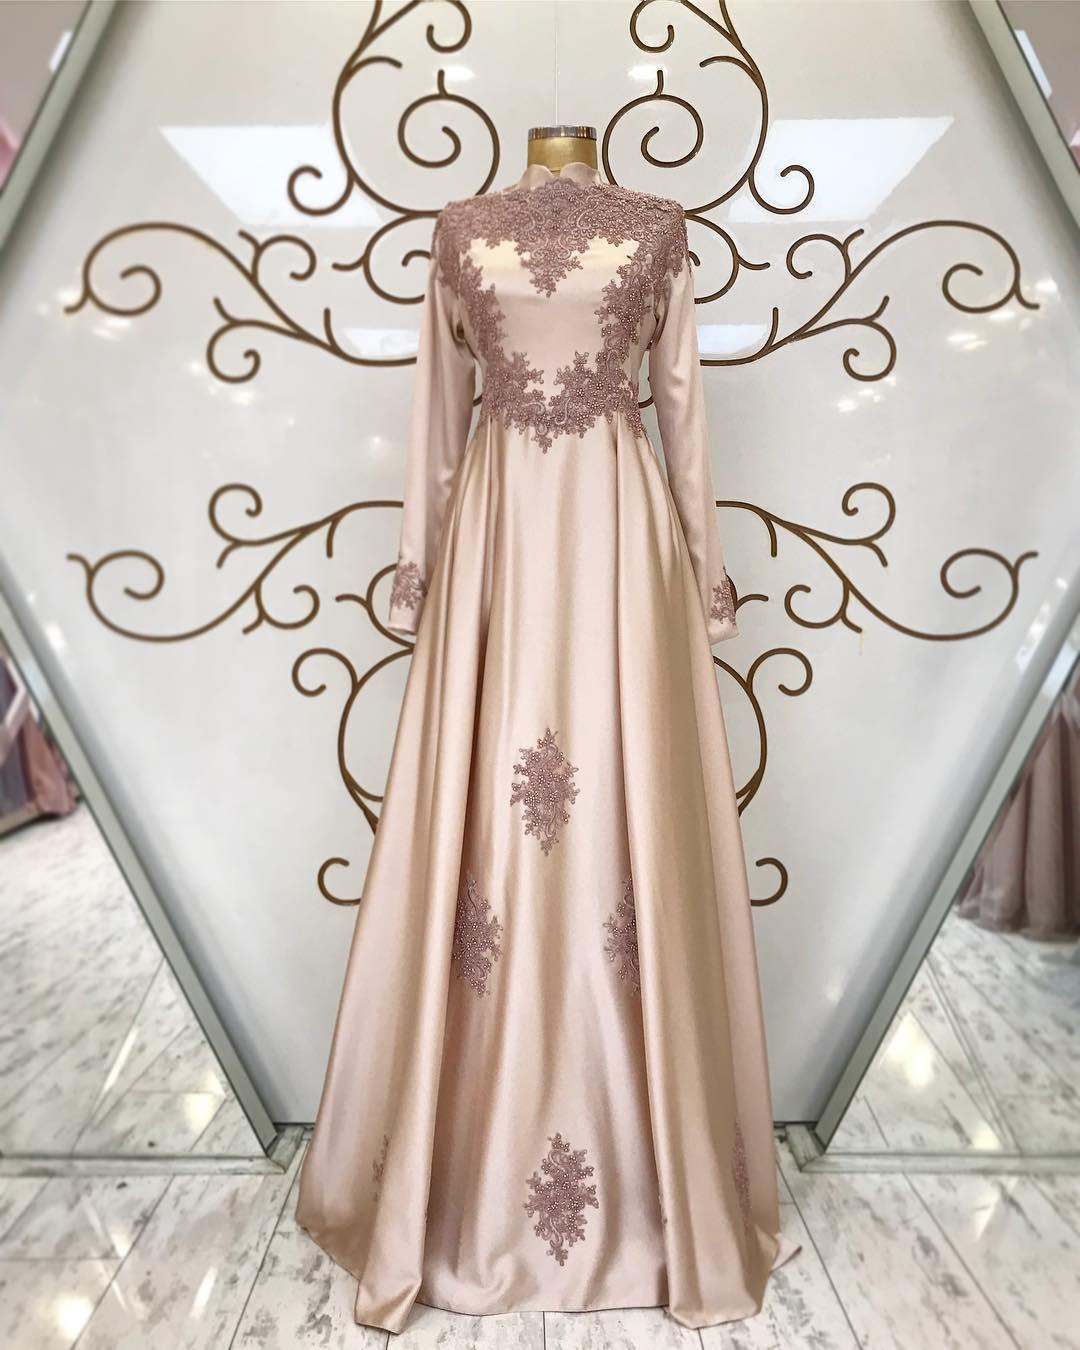 2018 Tesettür Abiye Elbise Modelleri 6 - 2018 En Şık Tesettürlü Abiye Elbise Modelleri